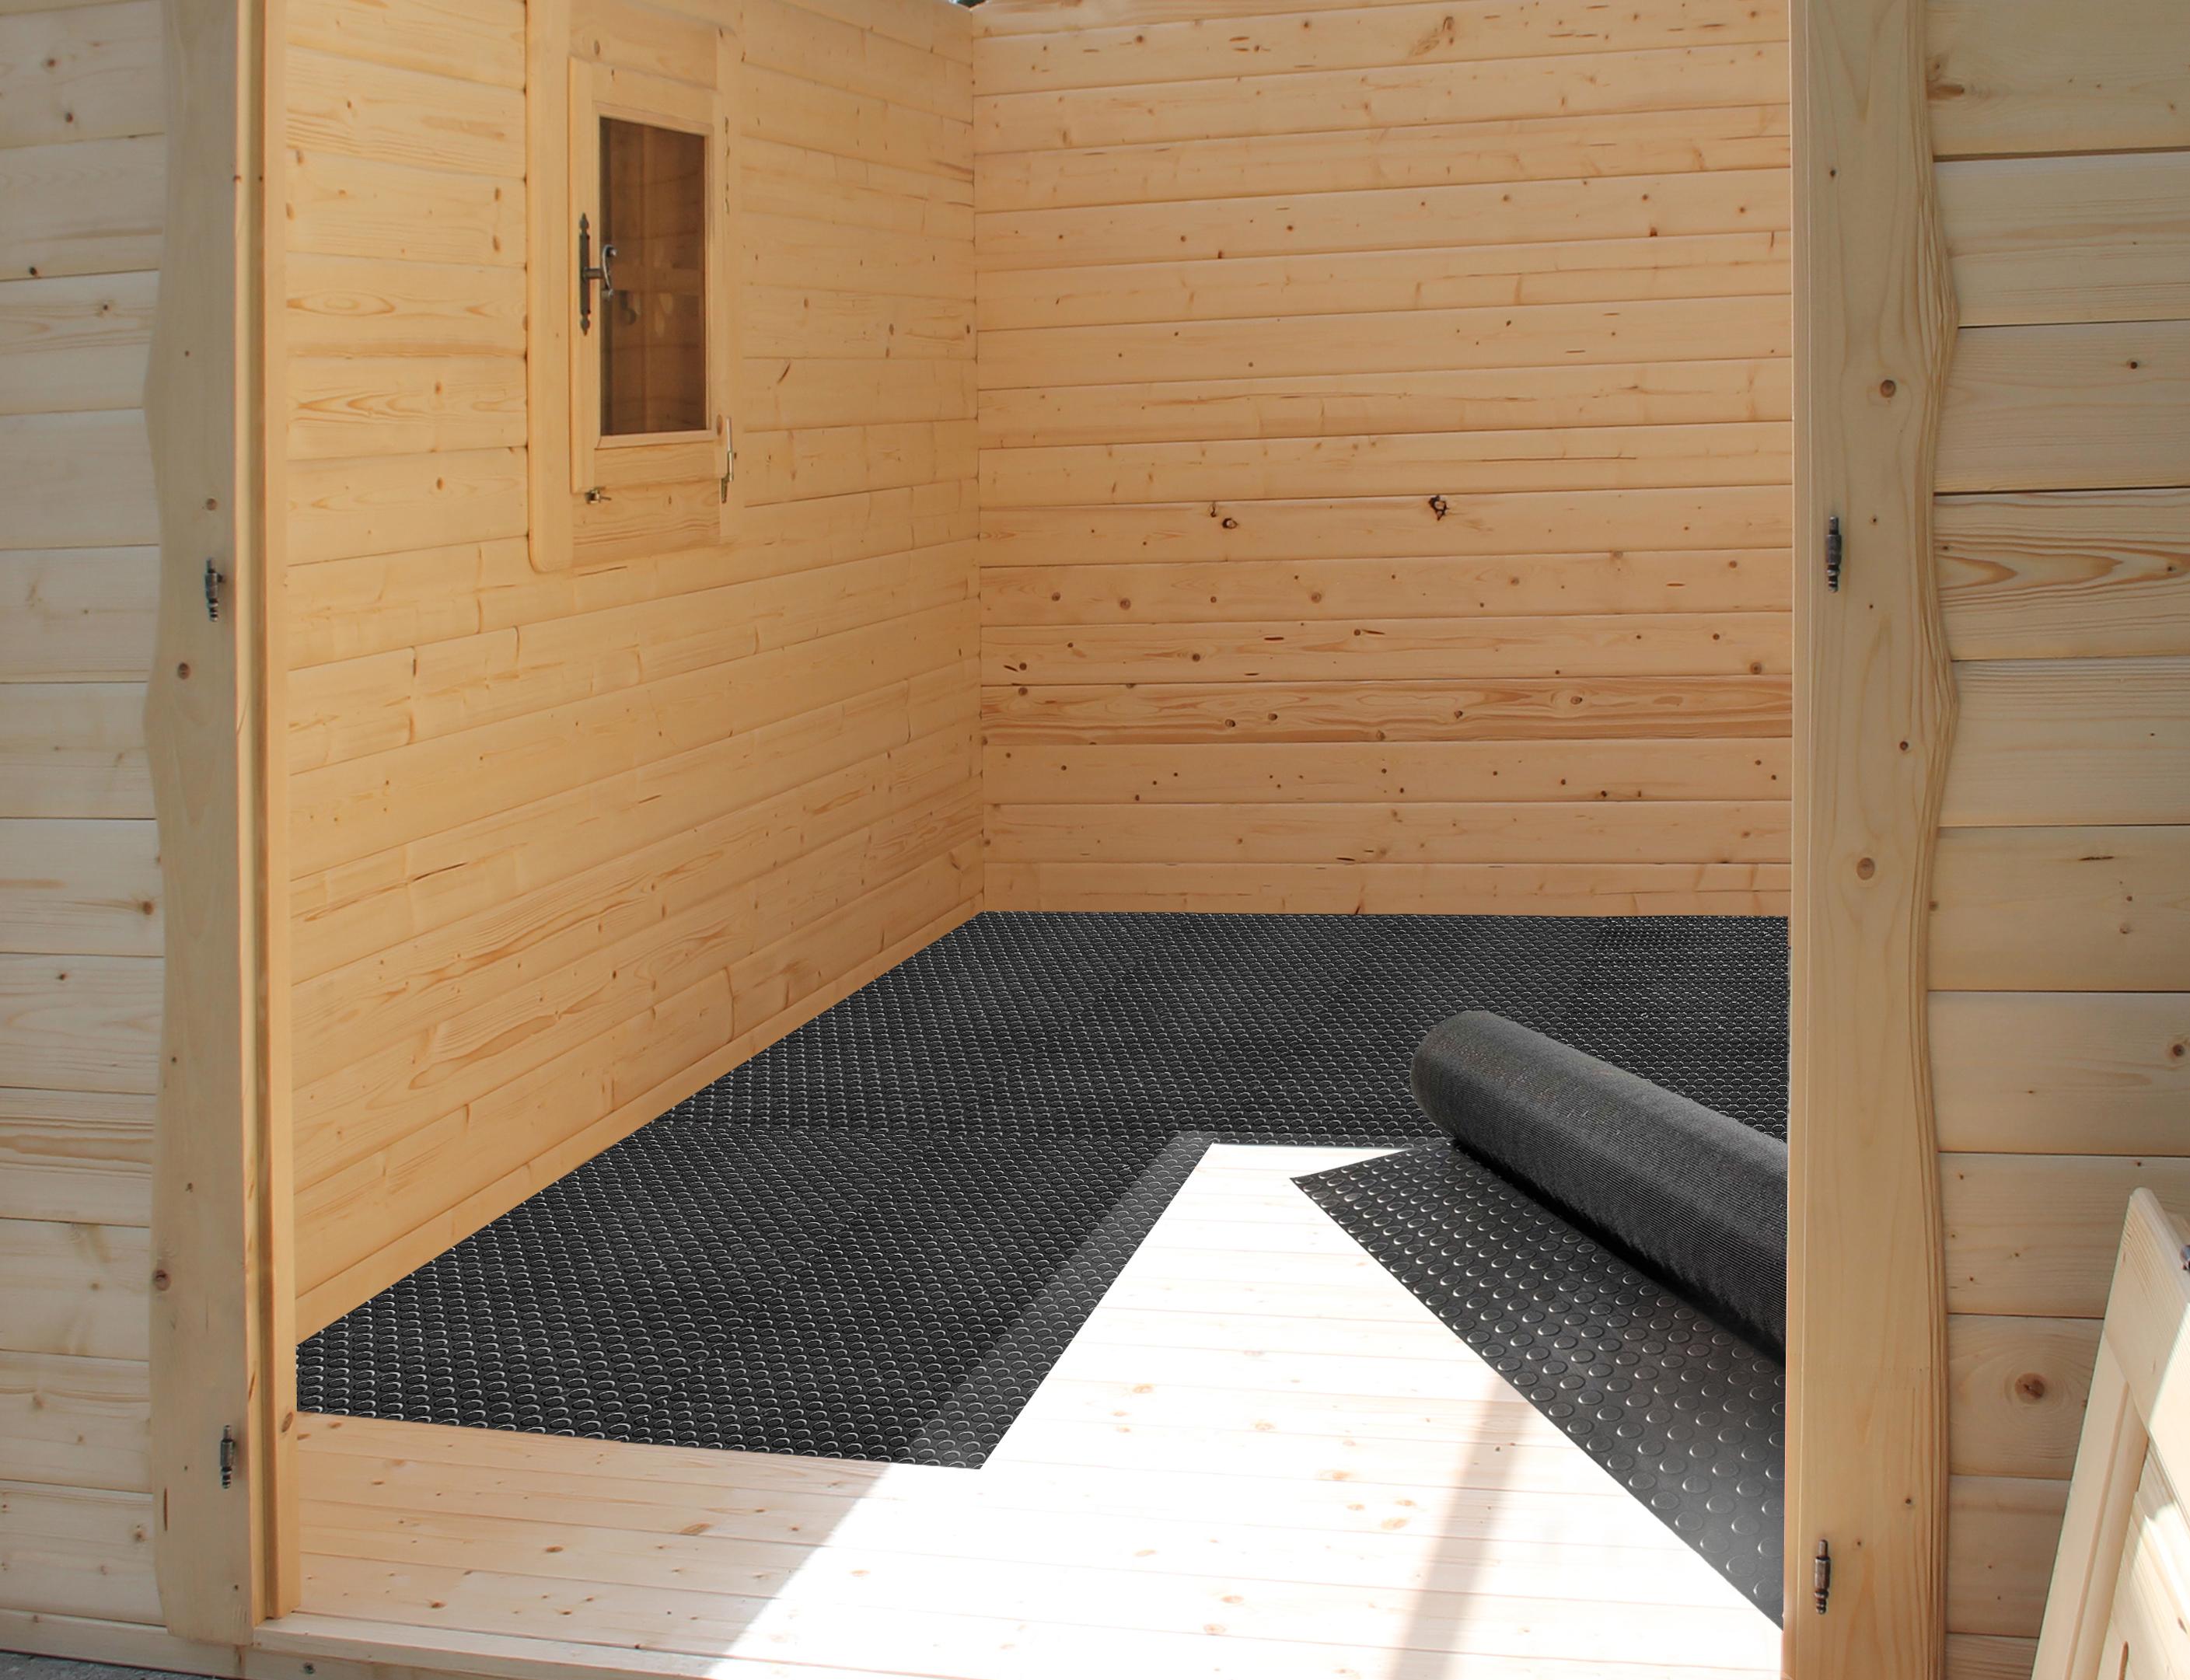 Cose utili da sapere sulle casette di legno la pratolina for Pavimento in legno interno